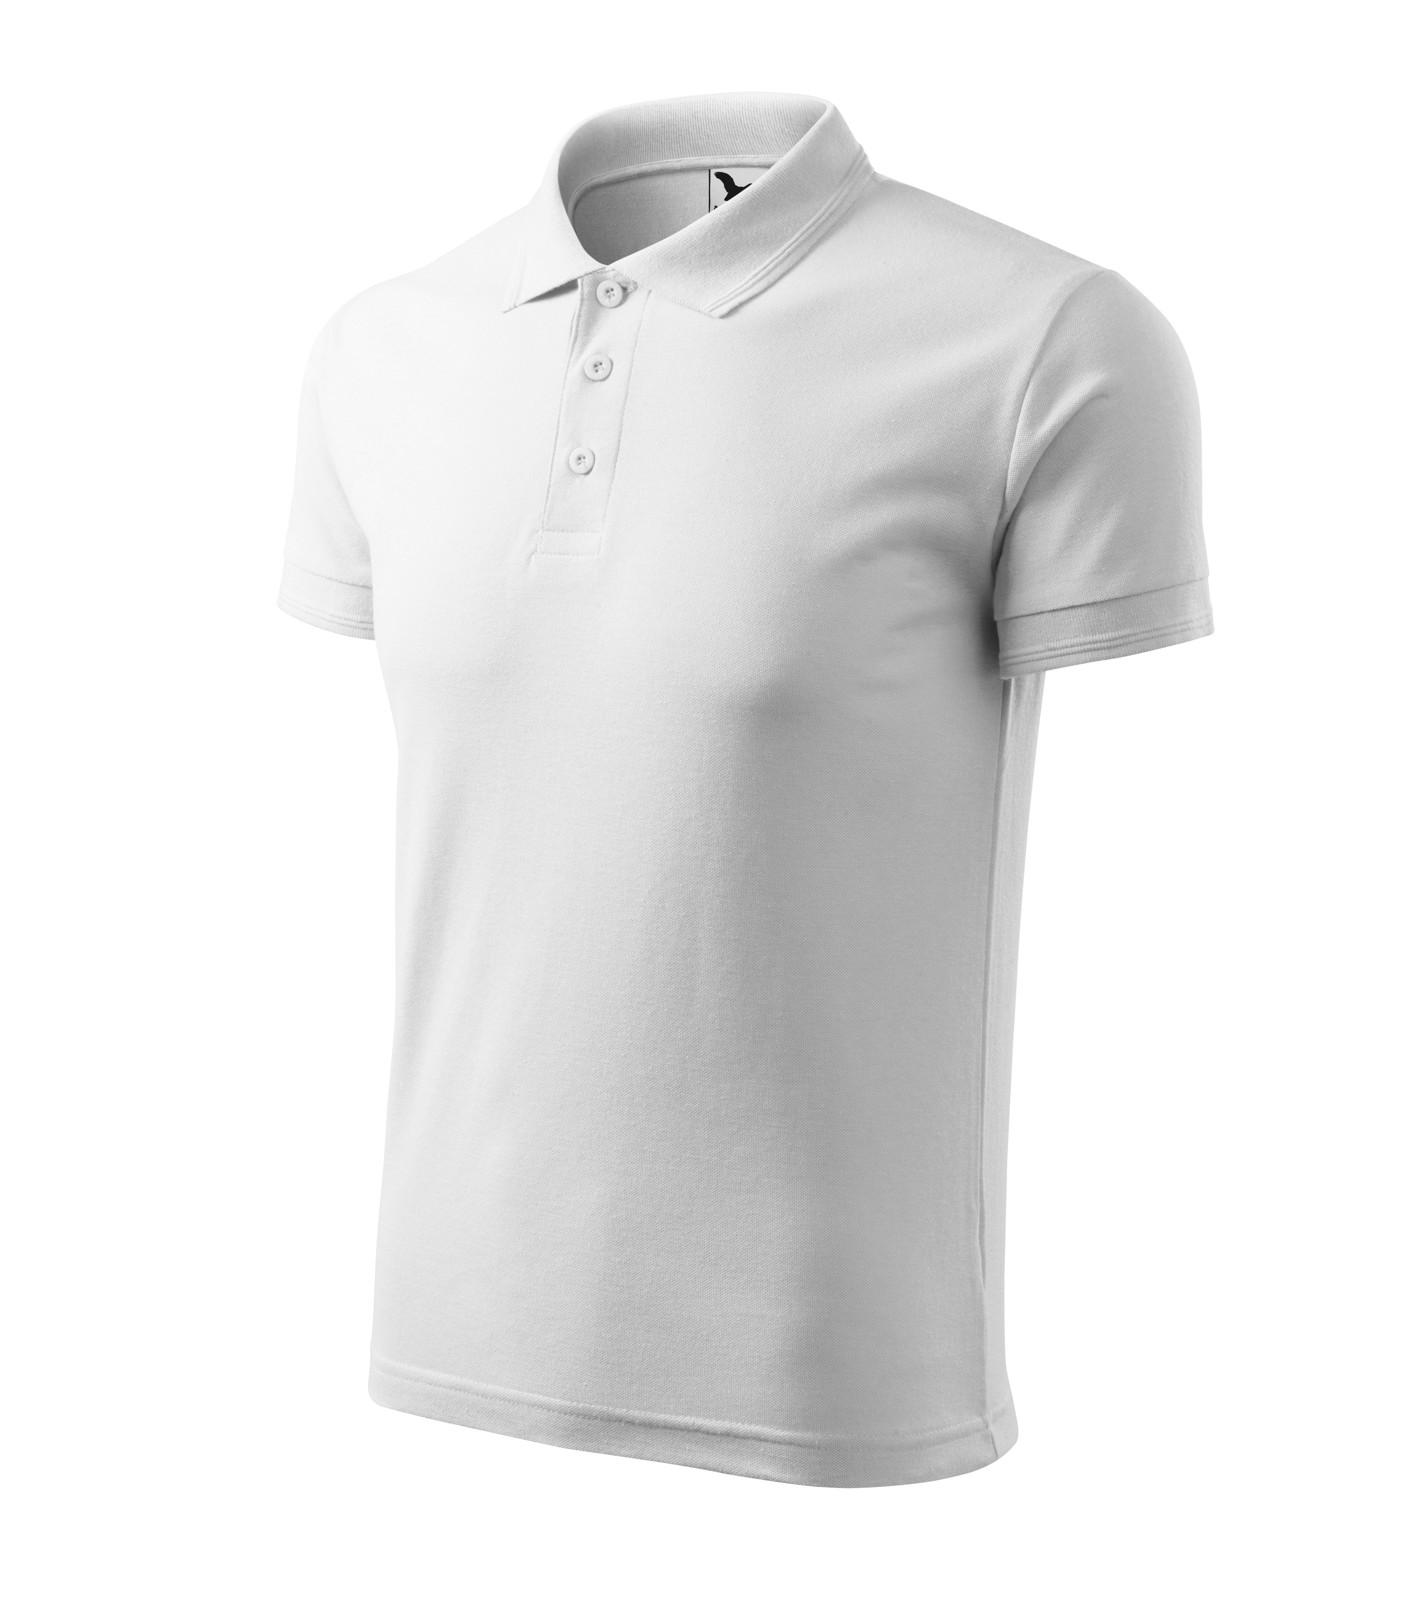 Polo Shirt men's Malfini Pique Polo - White / 4XL